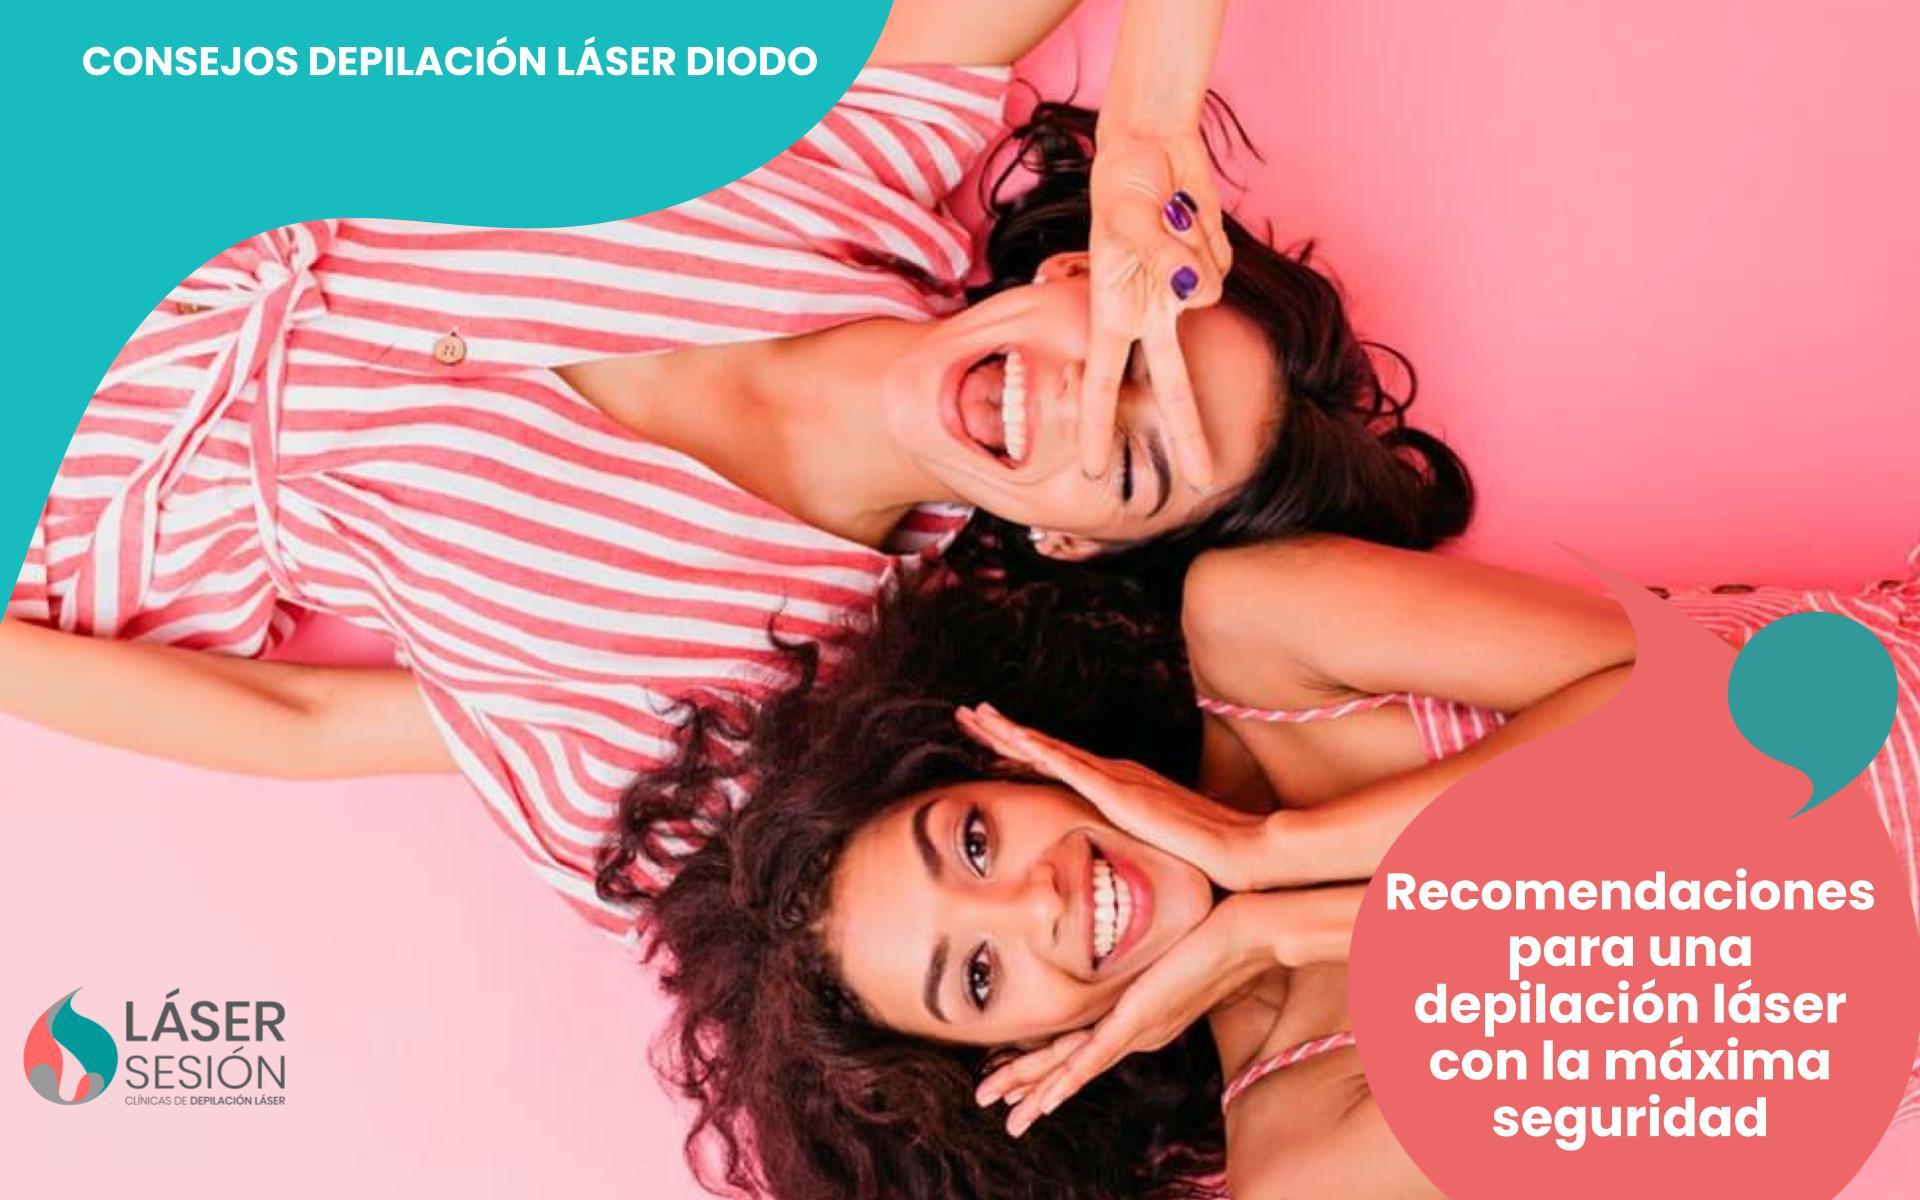 Recomendaciones para una depilación láser con máxima seguridad